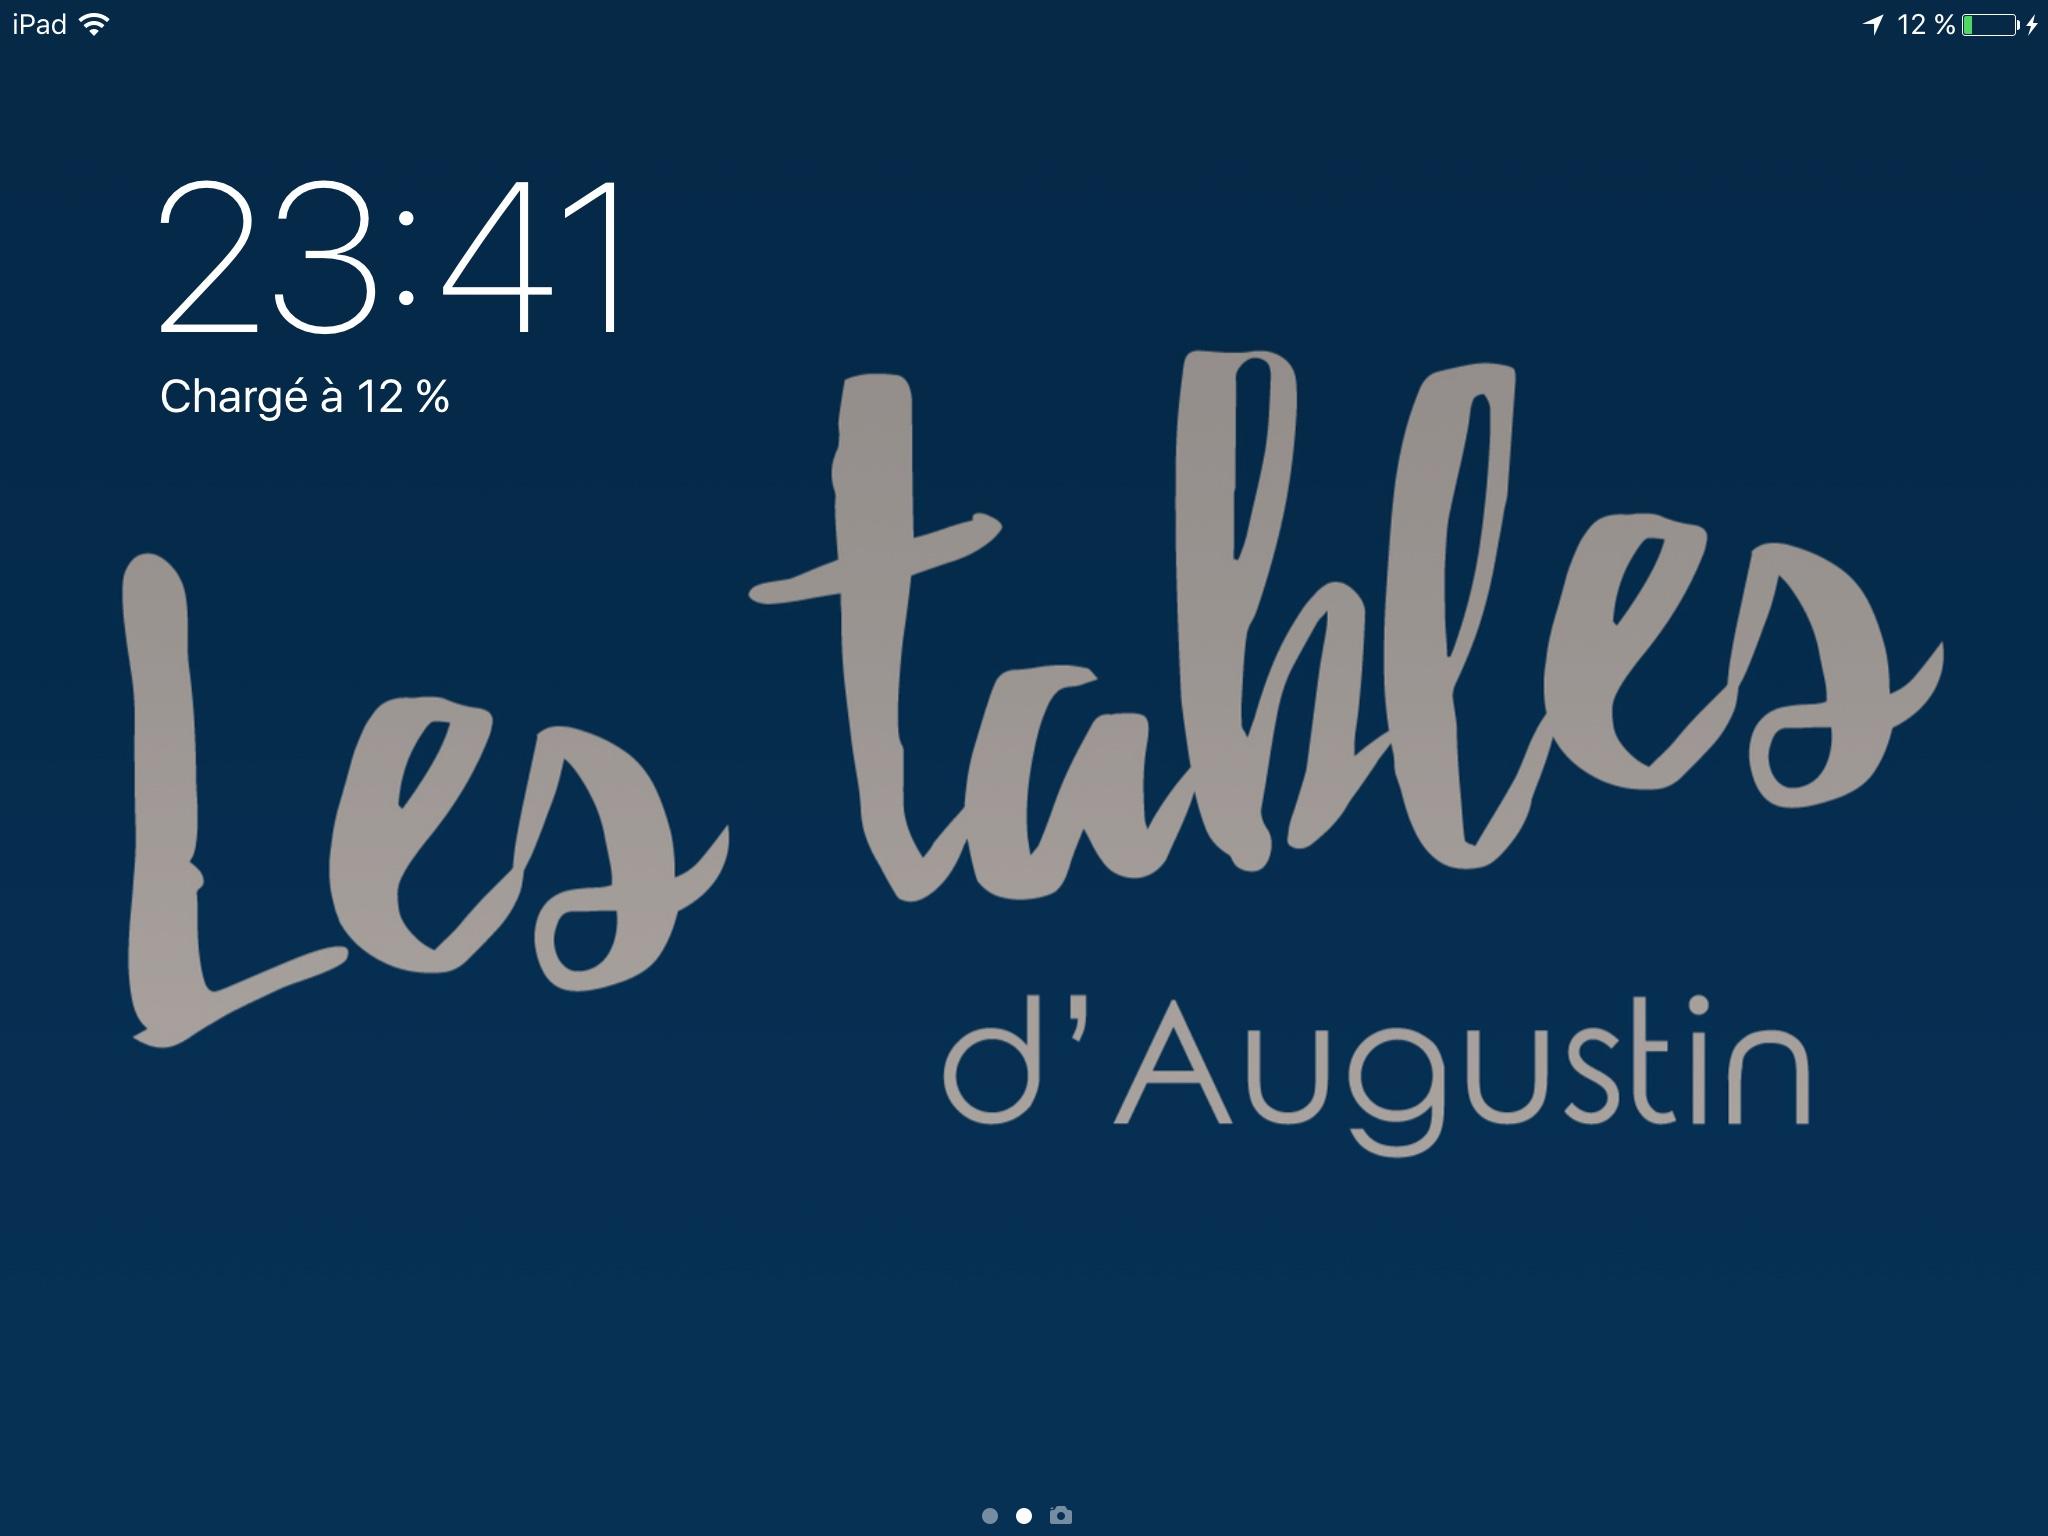 Les Tables d'Augustin